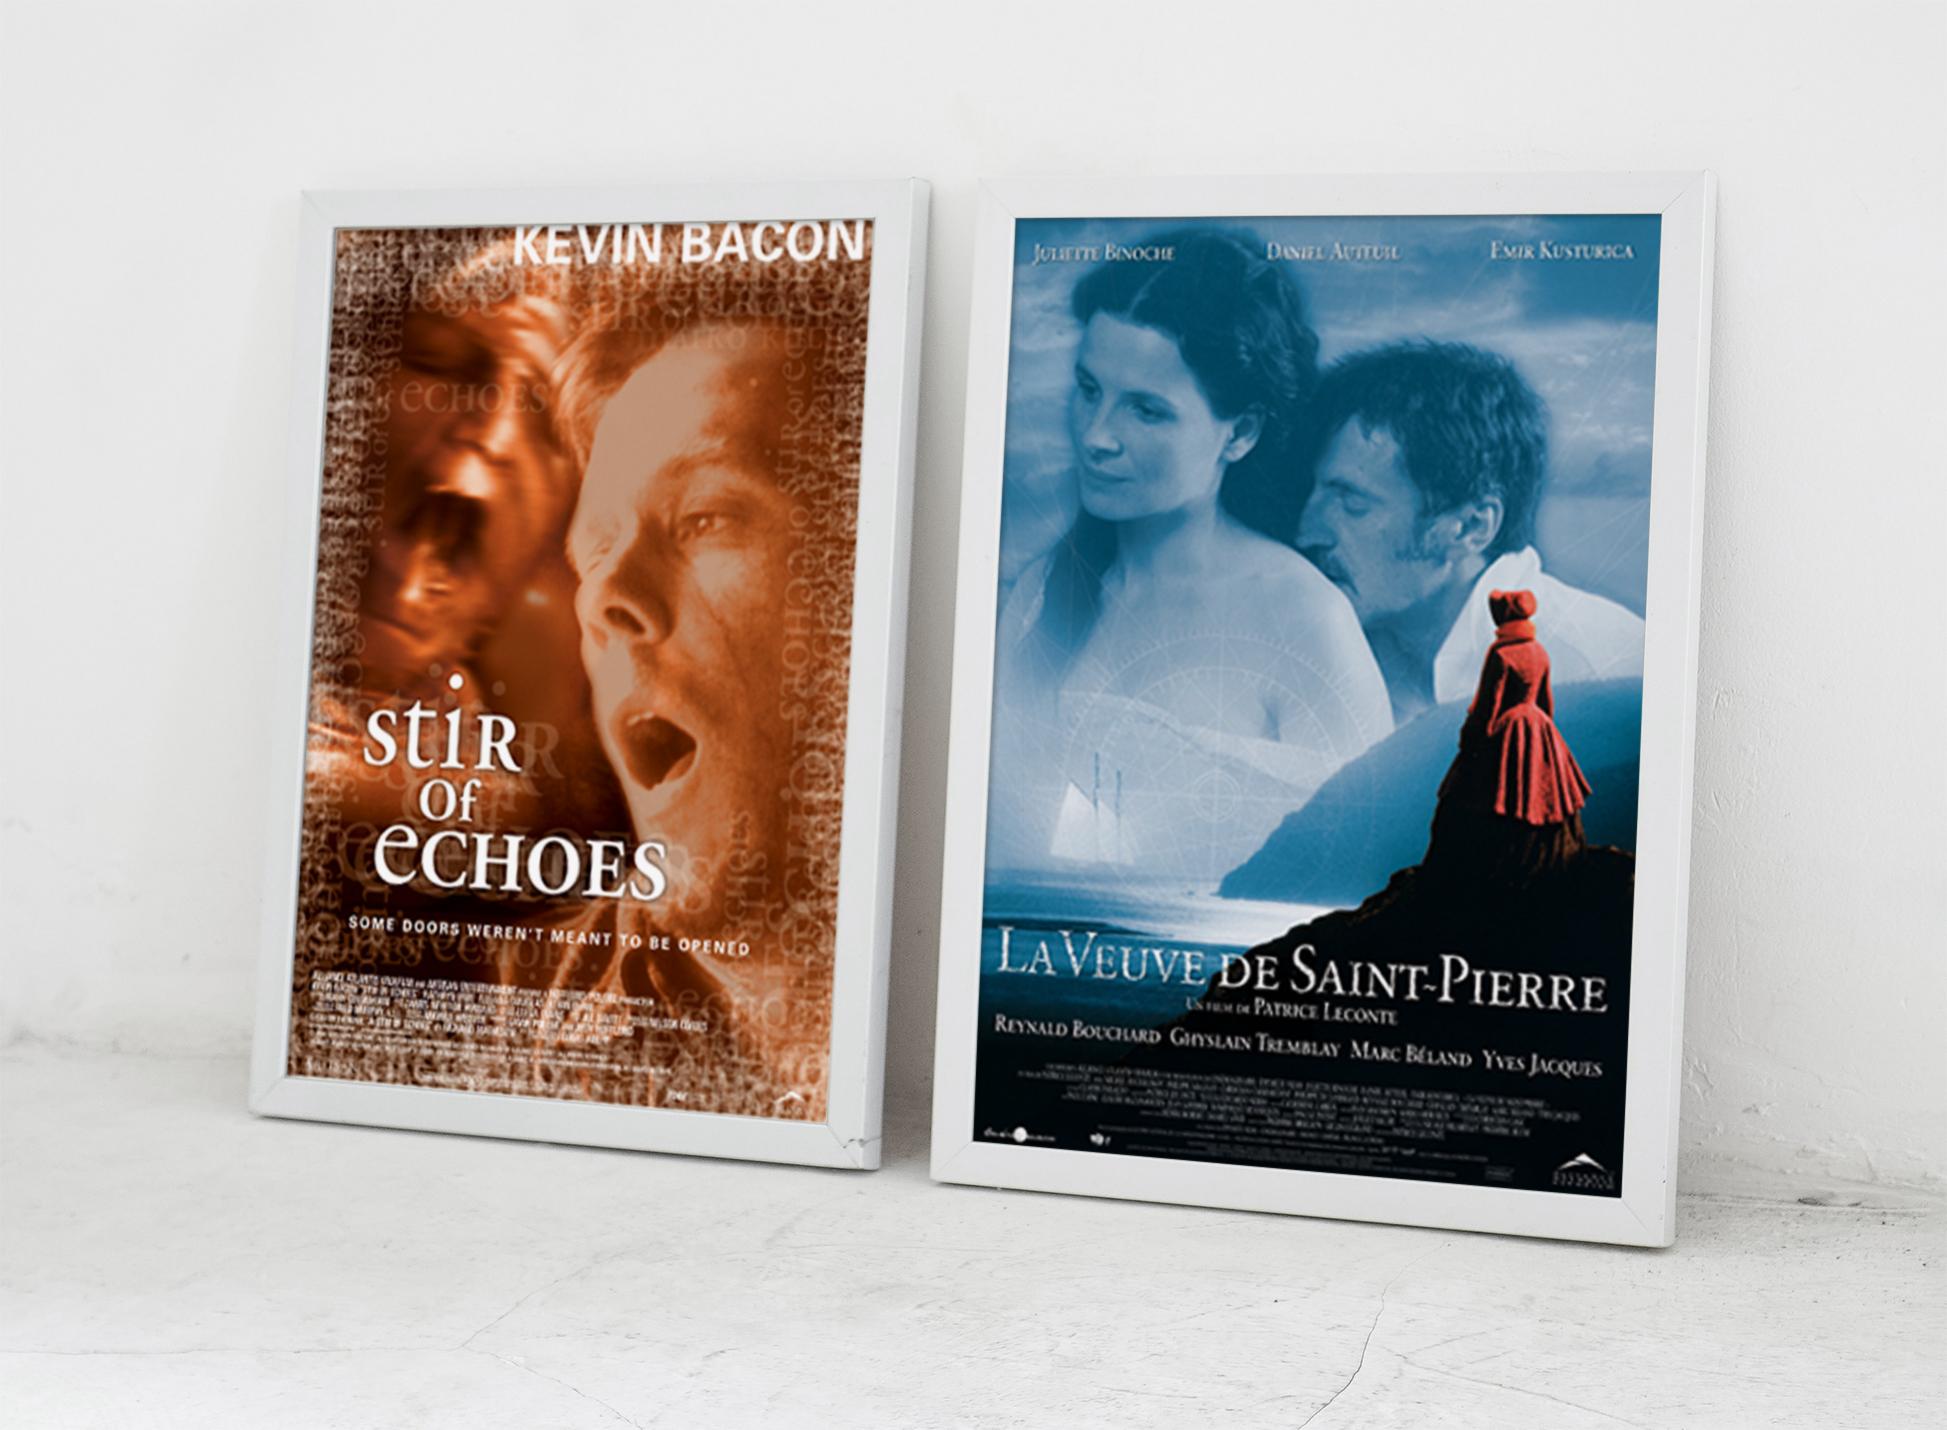 stir-of-echoes-veuve-de-st-pierre-posters